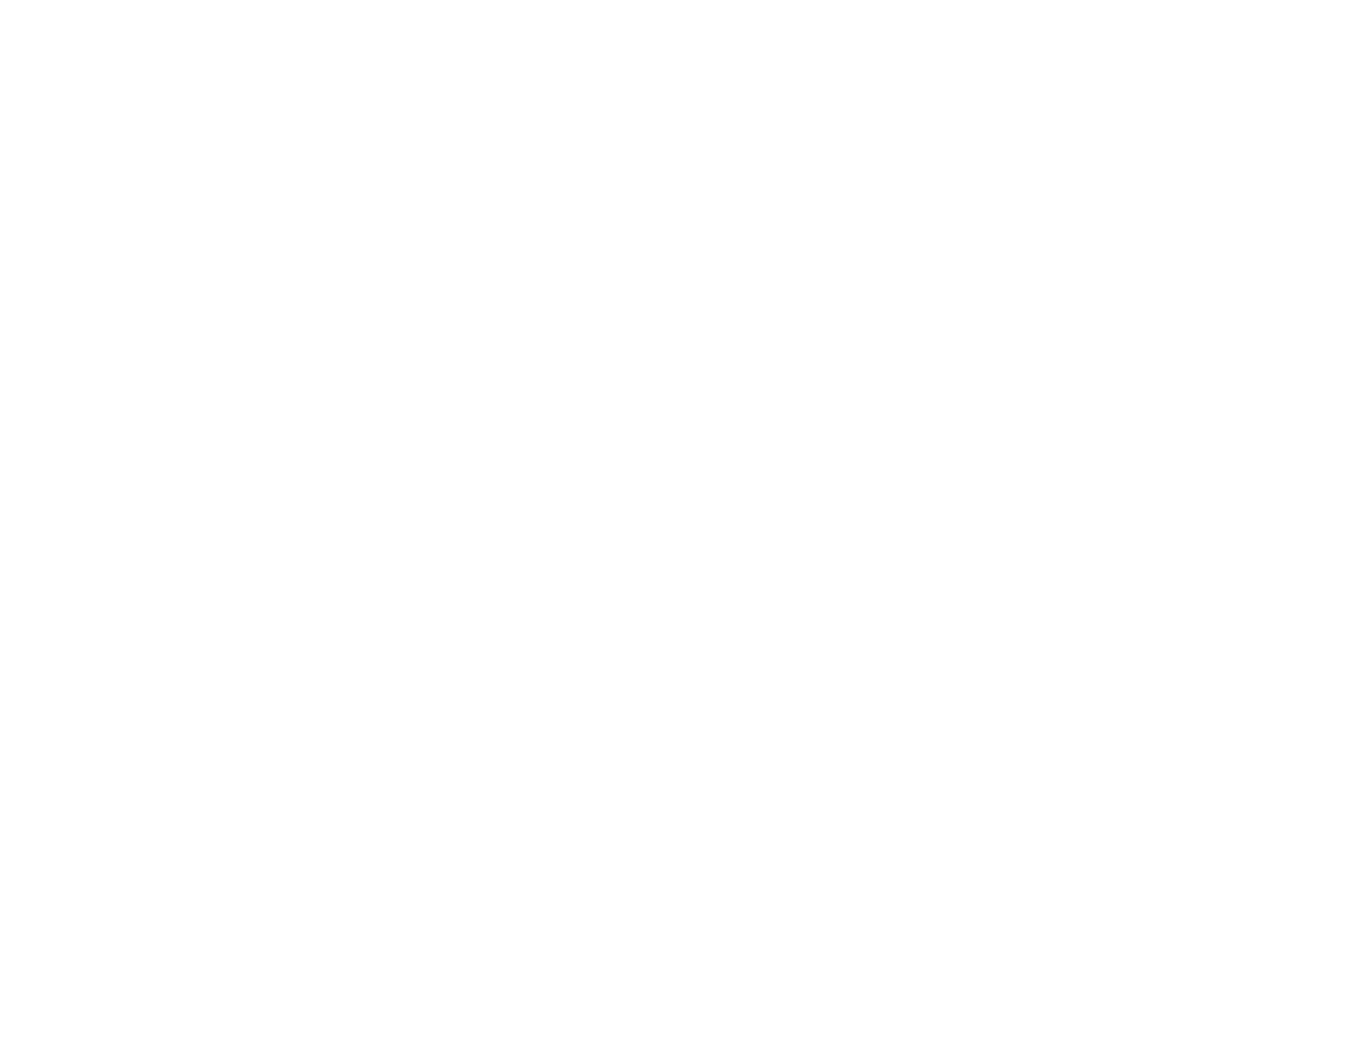 Guillermo Escudero